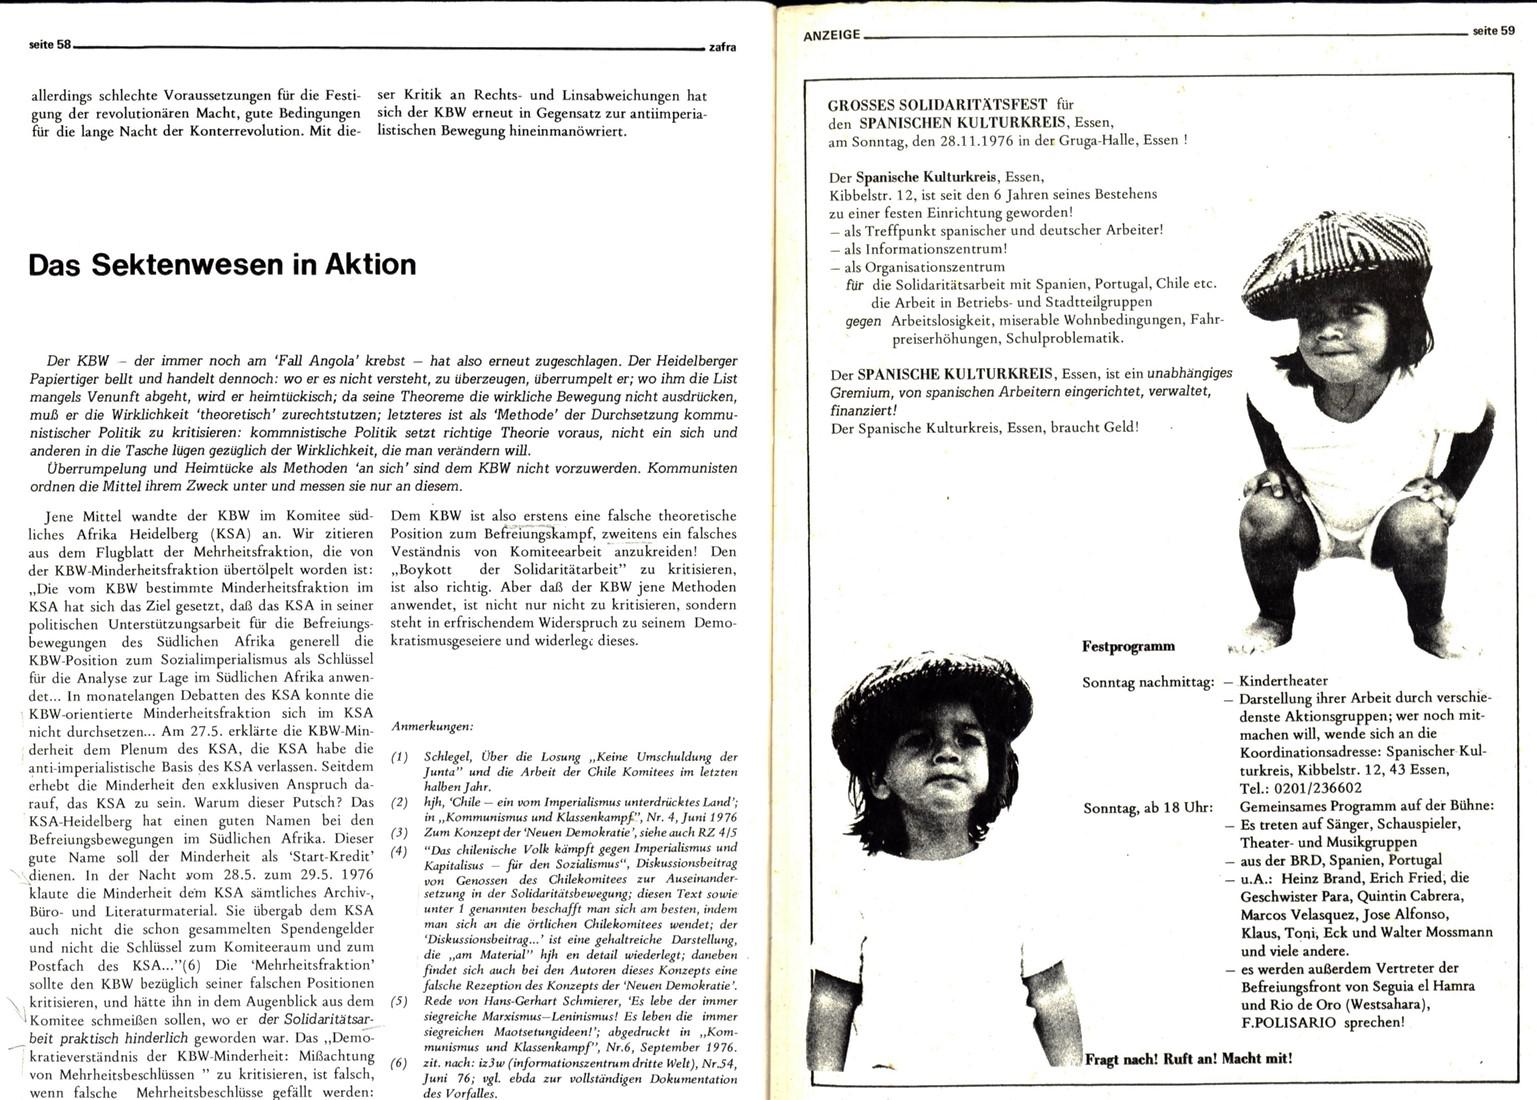 Bonn_ZAFRA_02_19761100_30